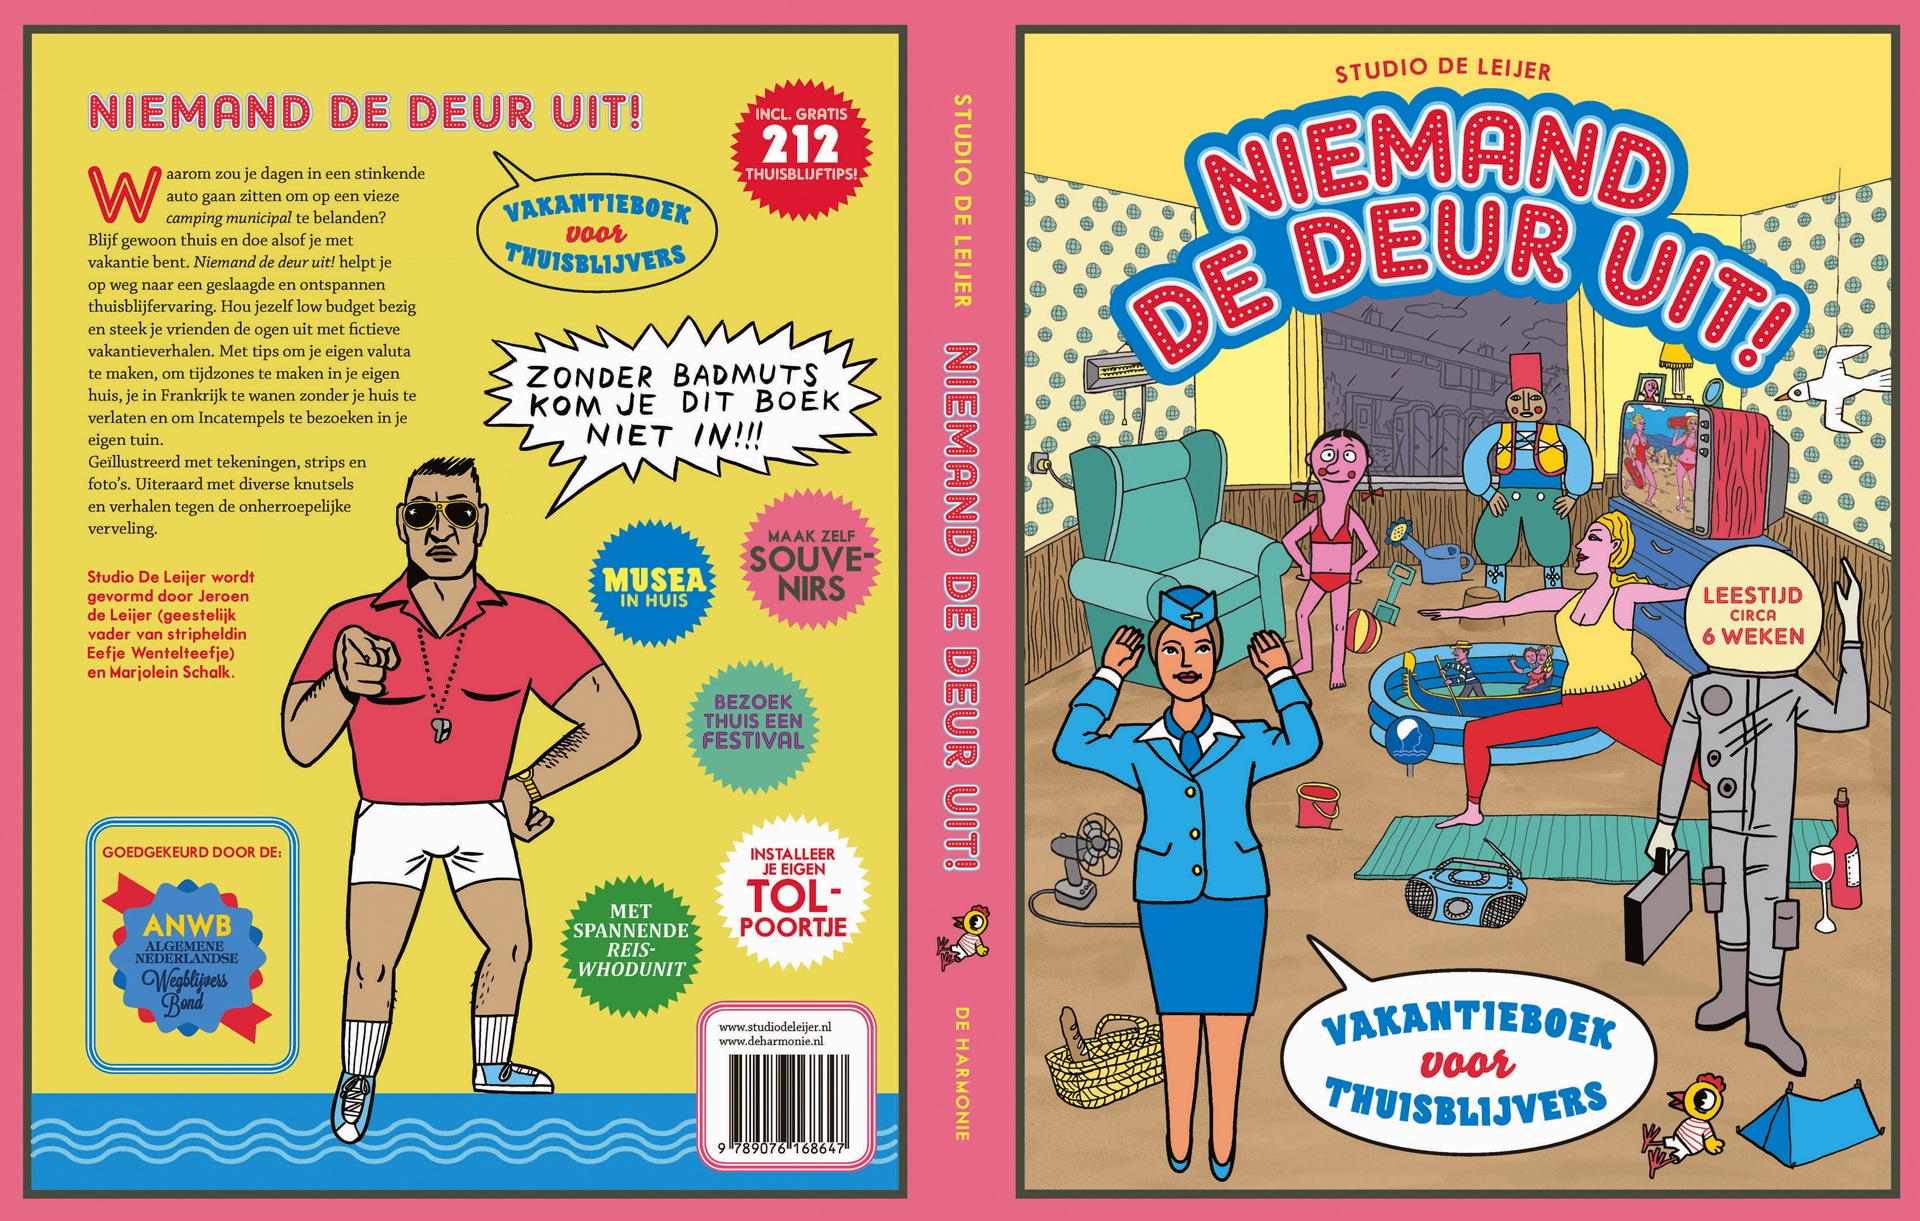 vakantieboek voor thuisblijvers omslag 17 mm 23 april_3lres.jpg